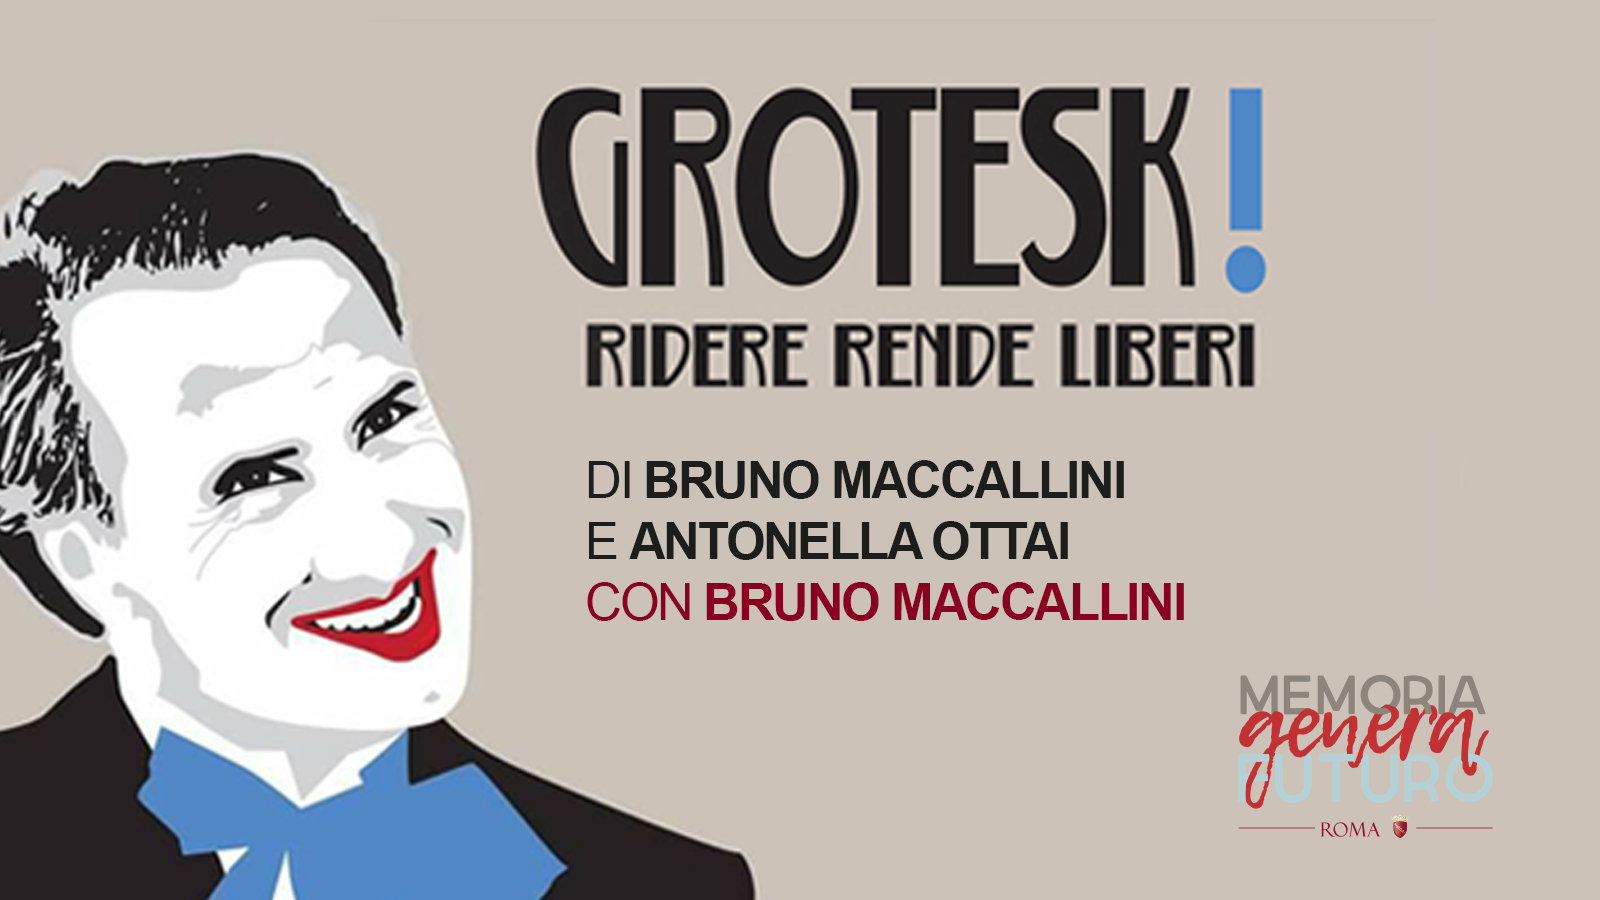 Bruno Maccallini in  GROTESK!  Ridere rende liberi